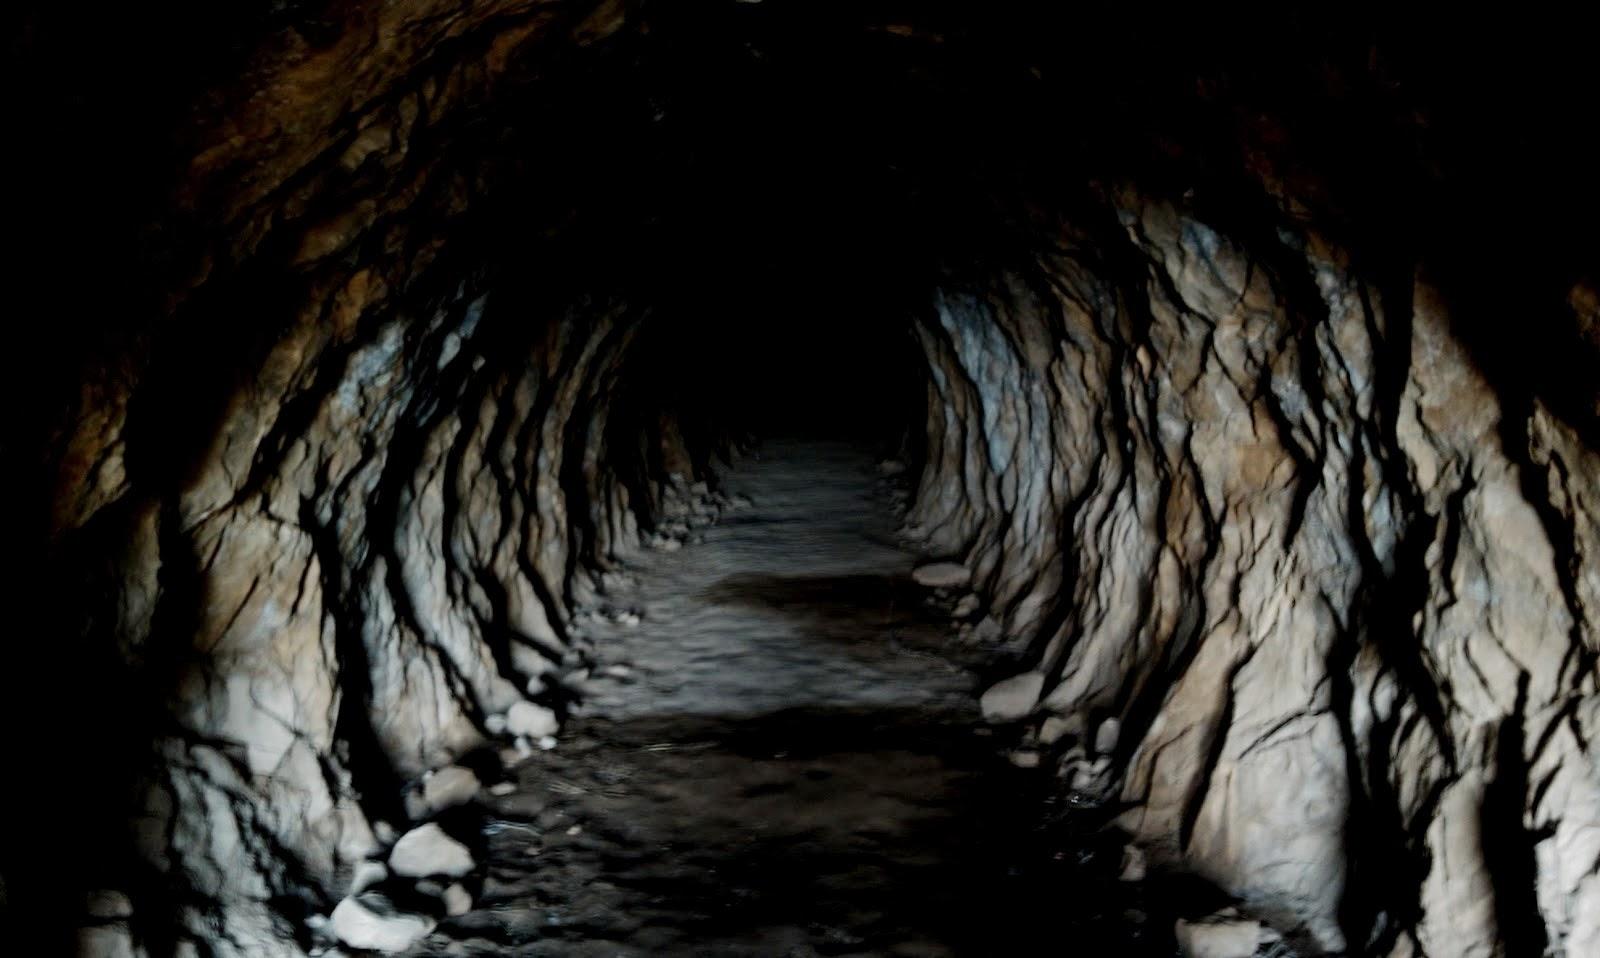 http://elvisitantemaligno.blogspot.com/2014/01/la-cueva-de-los-ecos-de-hp-blavatsky.html